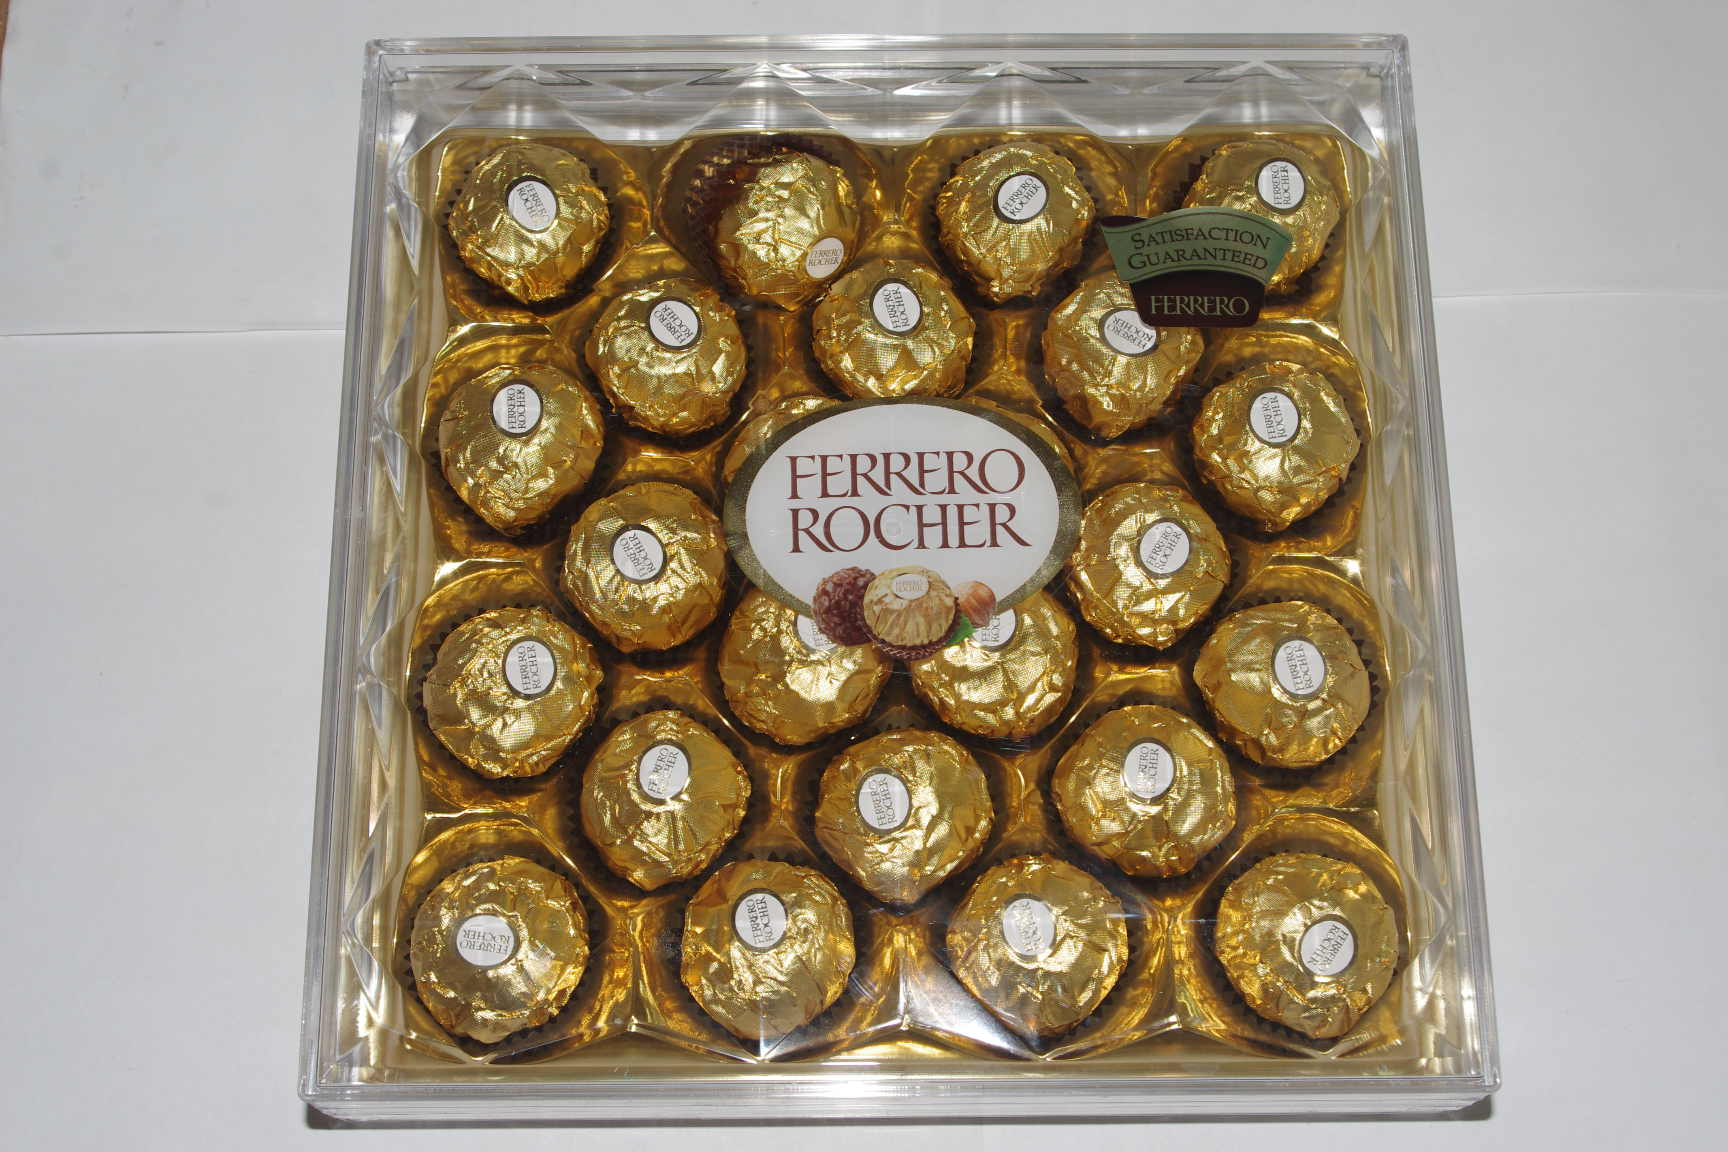 费列罗有代��b��H_费列罗巧克力价格图 图片合集